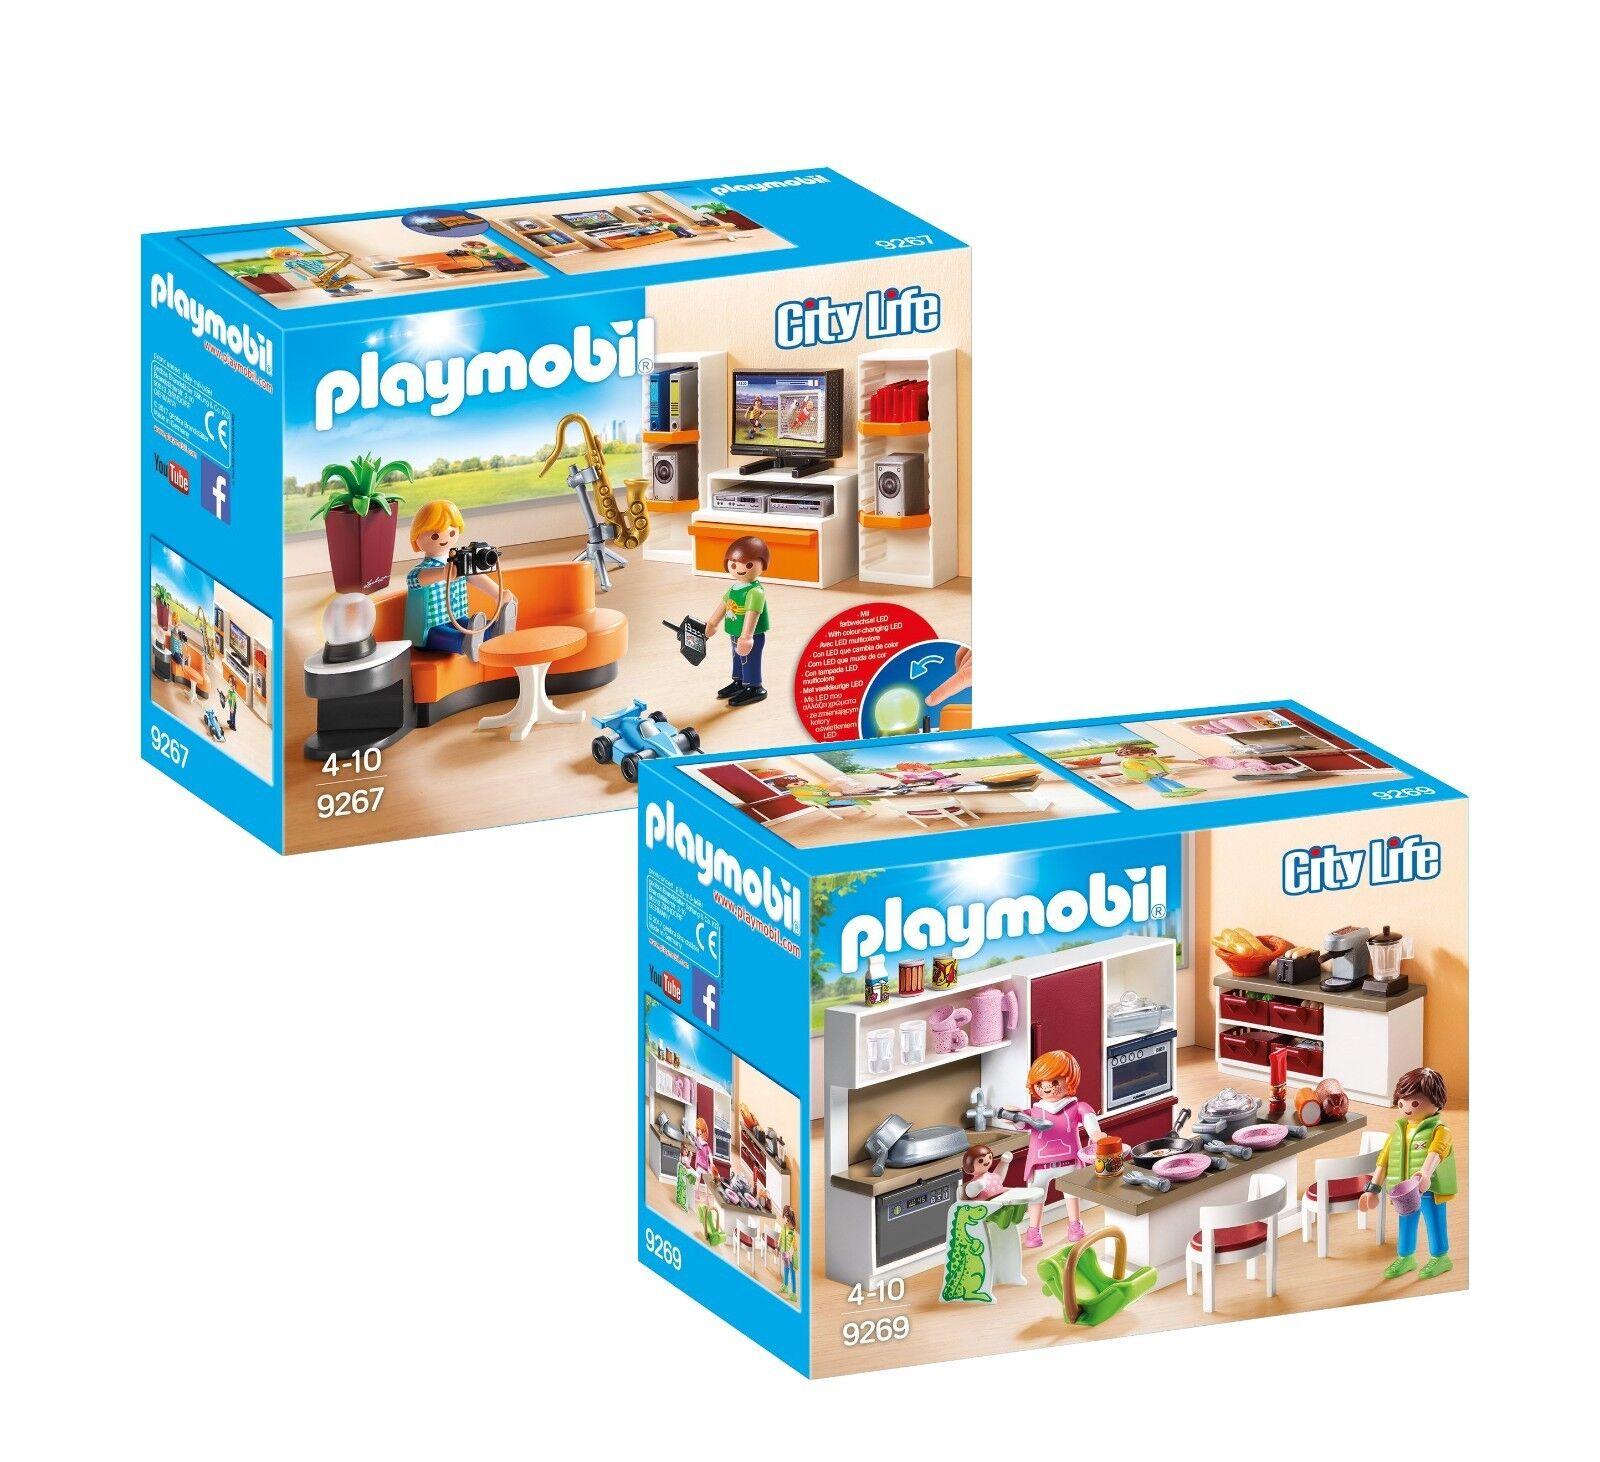 PLAYMOBIL® Modernes Wohnhaus Möbelset  9267 Wohnzimmer & 9269 Familienküche, neu